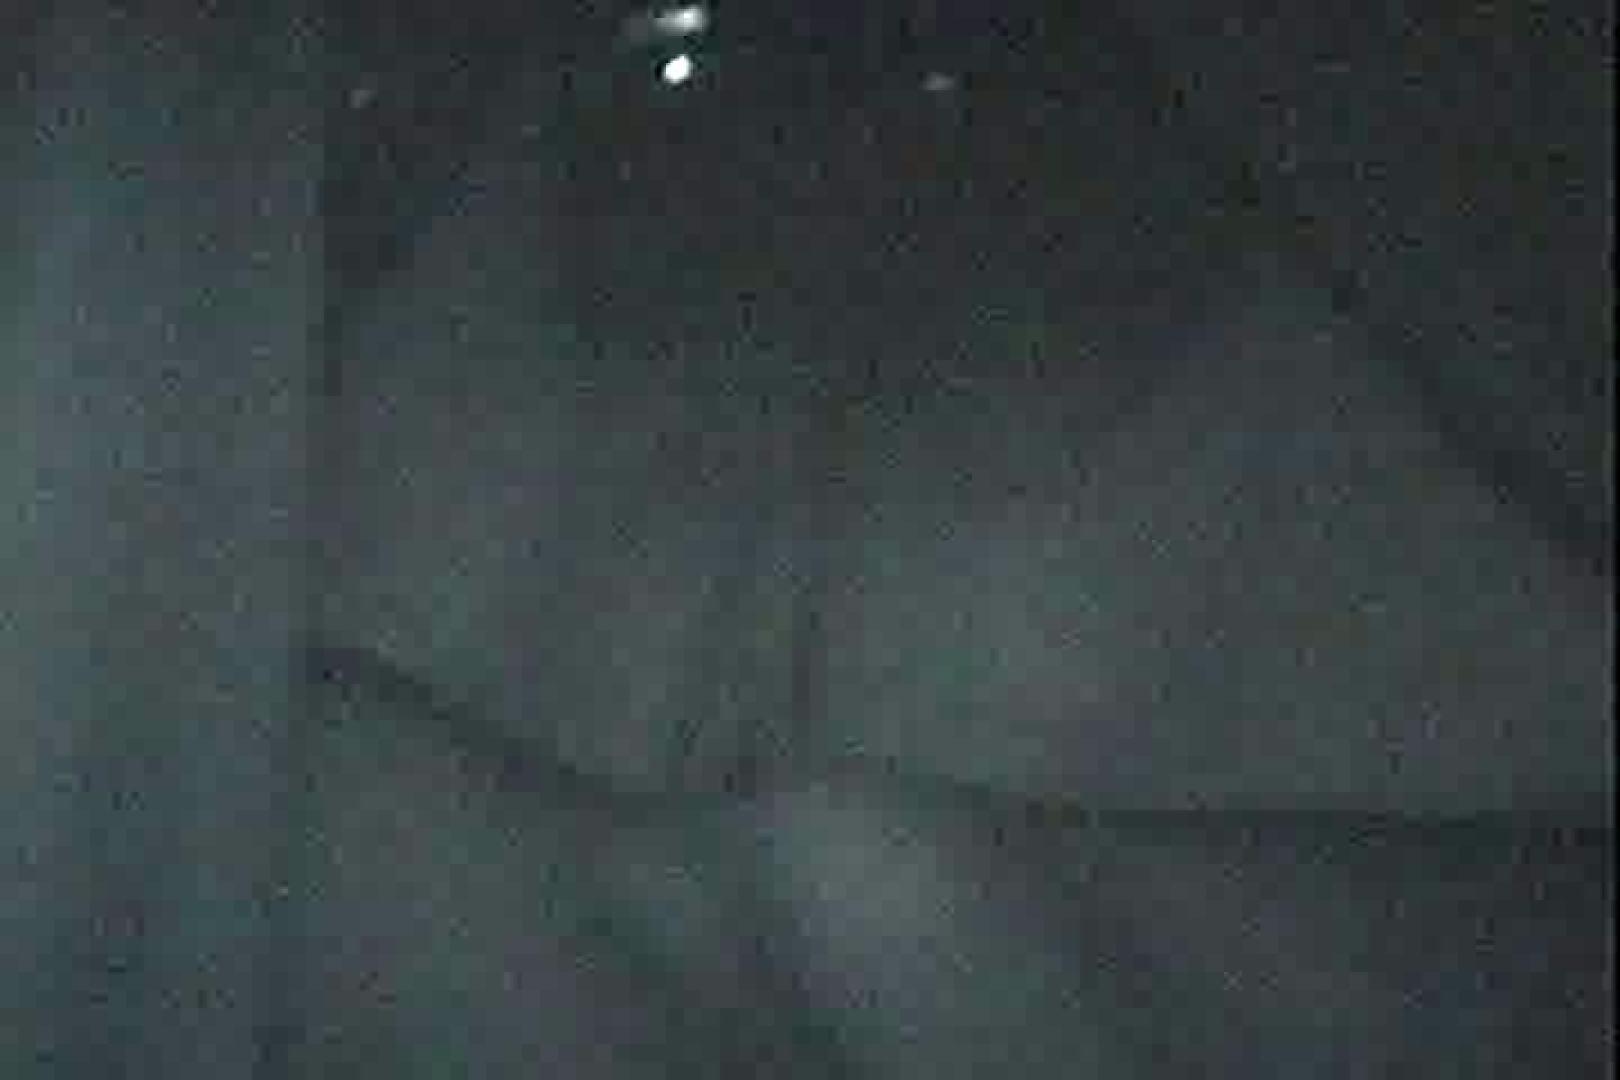 充血監督の深夜の運動会Vol.41 カップルのセックス   OLヌード天国  103PIX 97